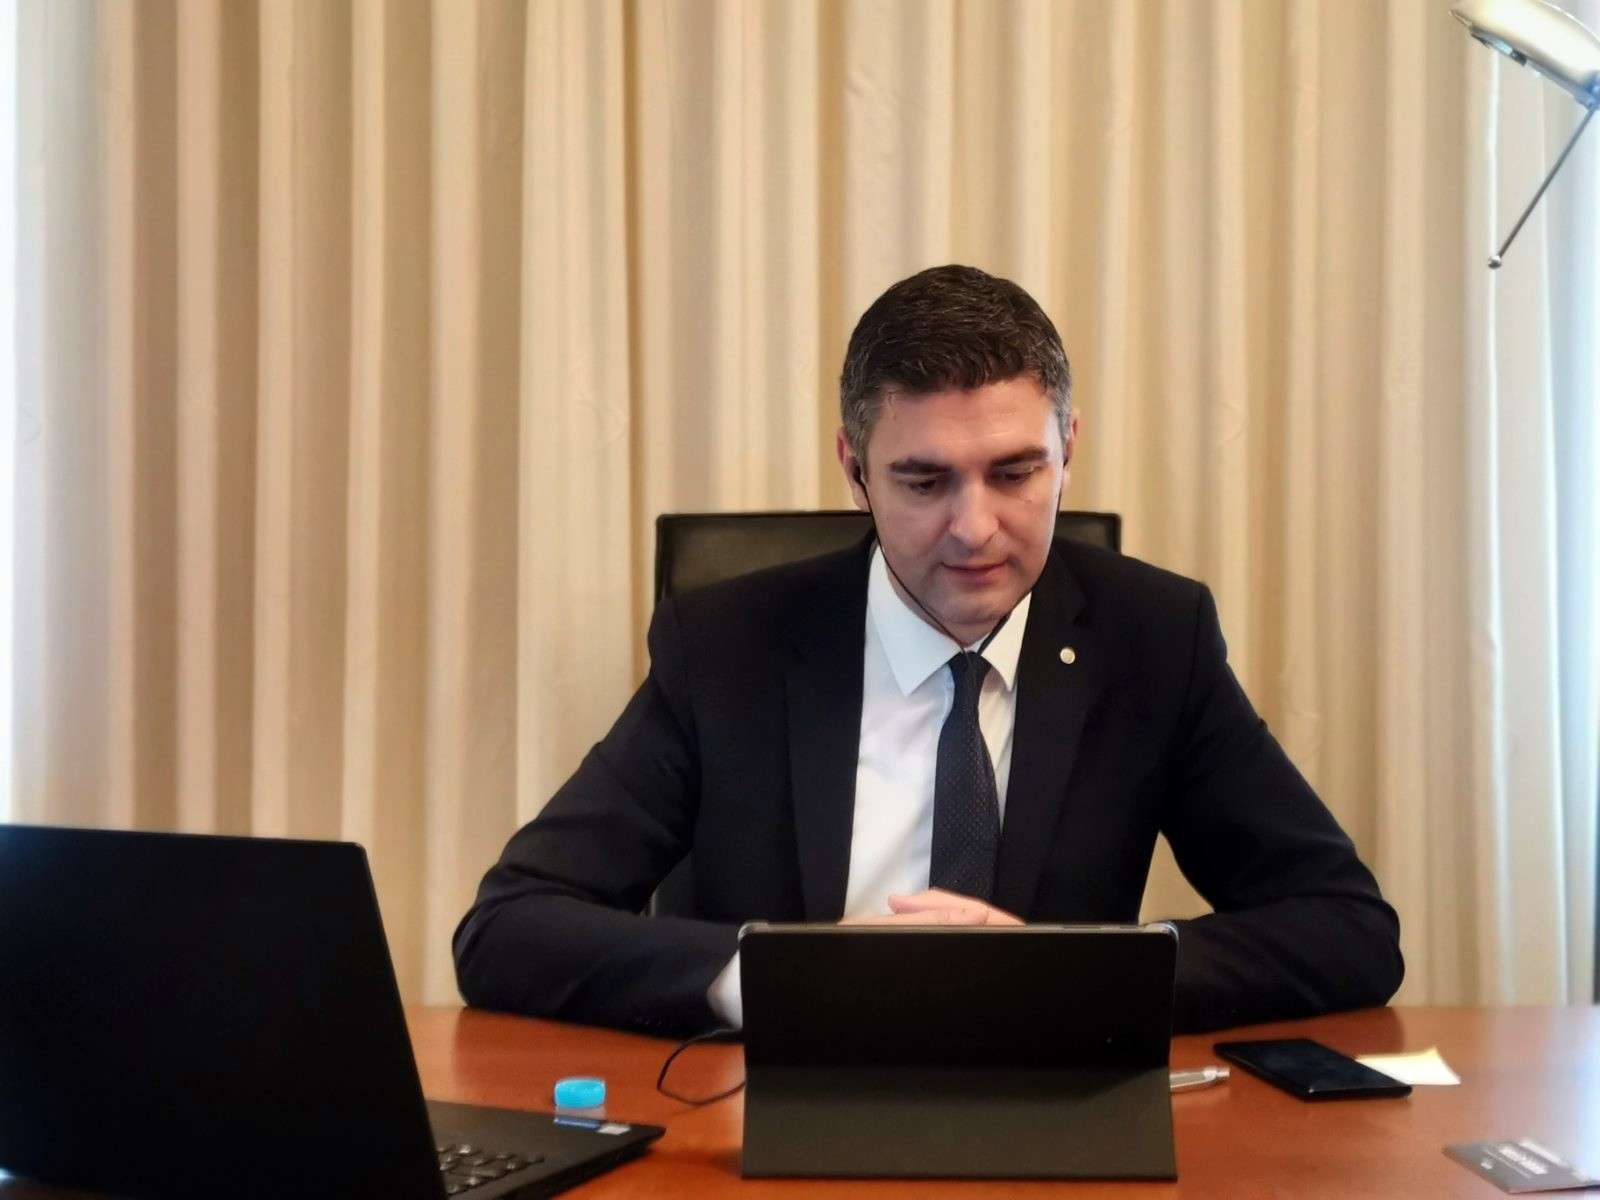 """Gradonačelnik Franković u prvom UNESCO-vom webinaru: """"Bogatstvo baštine naša je prednost u obnovi turizma"""""""